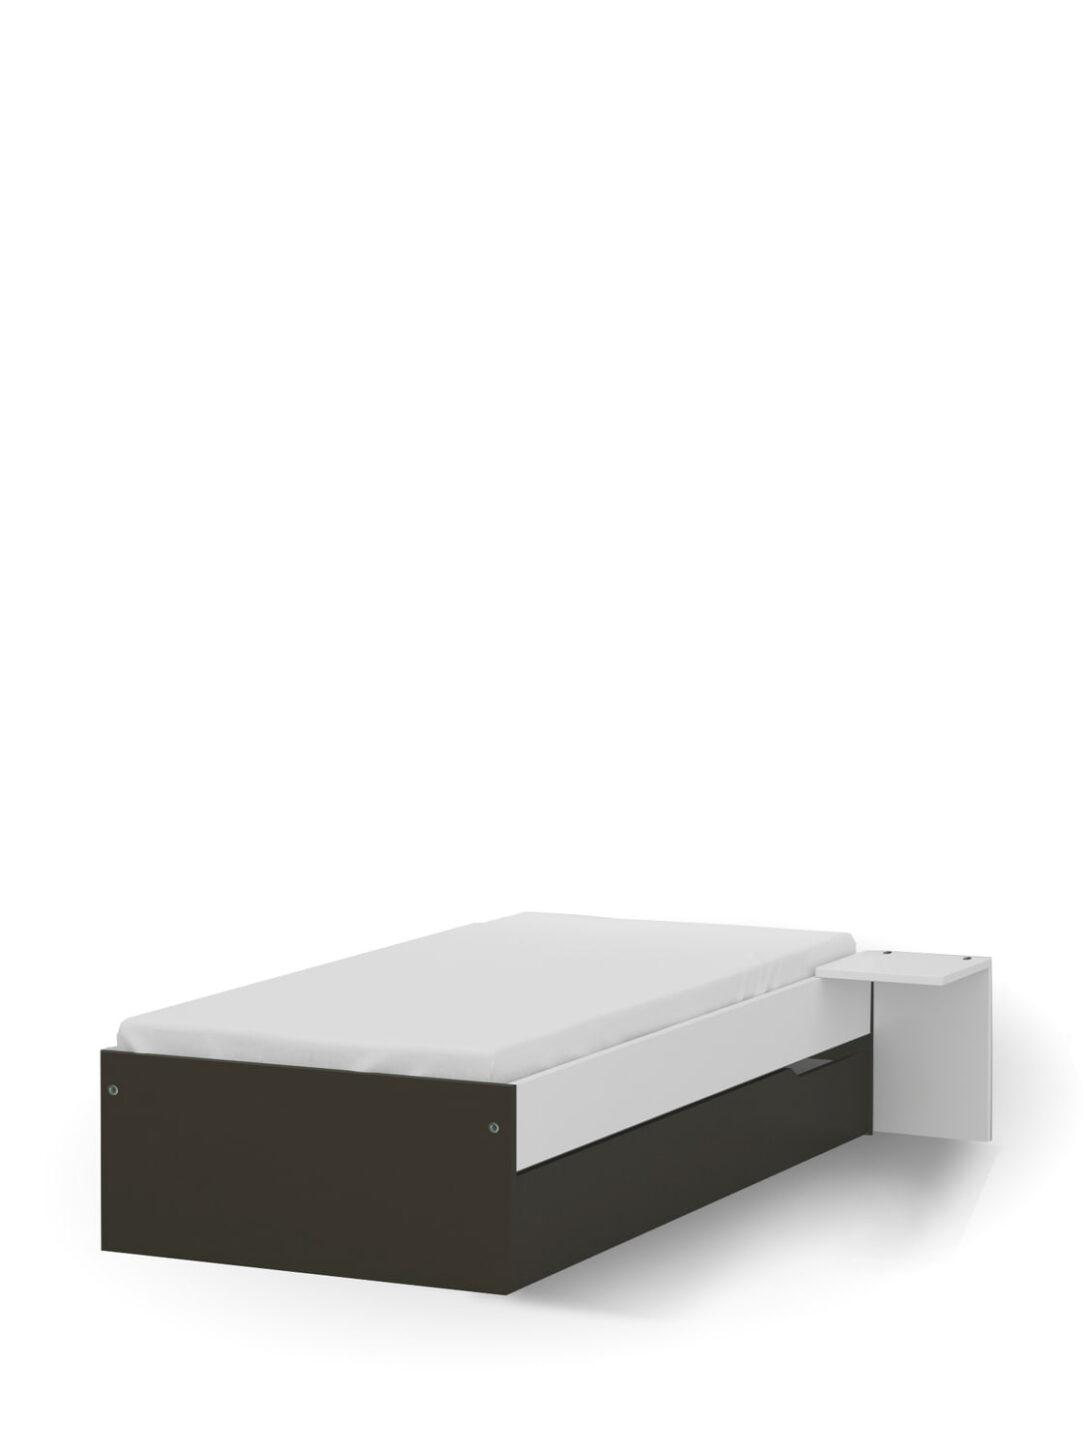 Large Size of Niedrige Betten Bett 90x200 Niedrig Dark Meblik Möbel Boss Hasena Für übergewichtige Amazon 180x200 Dänisches Bettenlager Badezimmer Team 7 Musterring Wohnzimmer Niedrige Betten